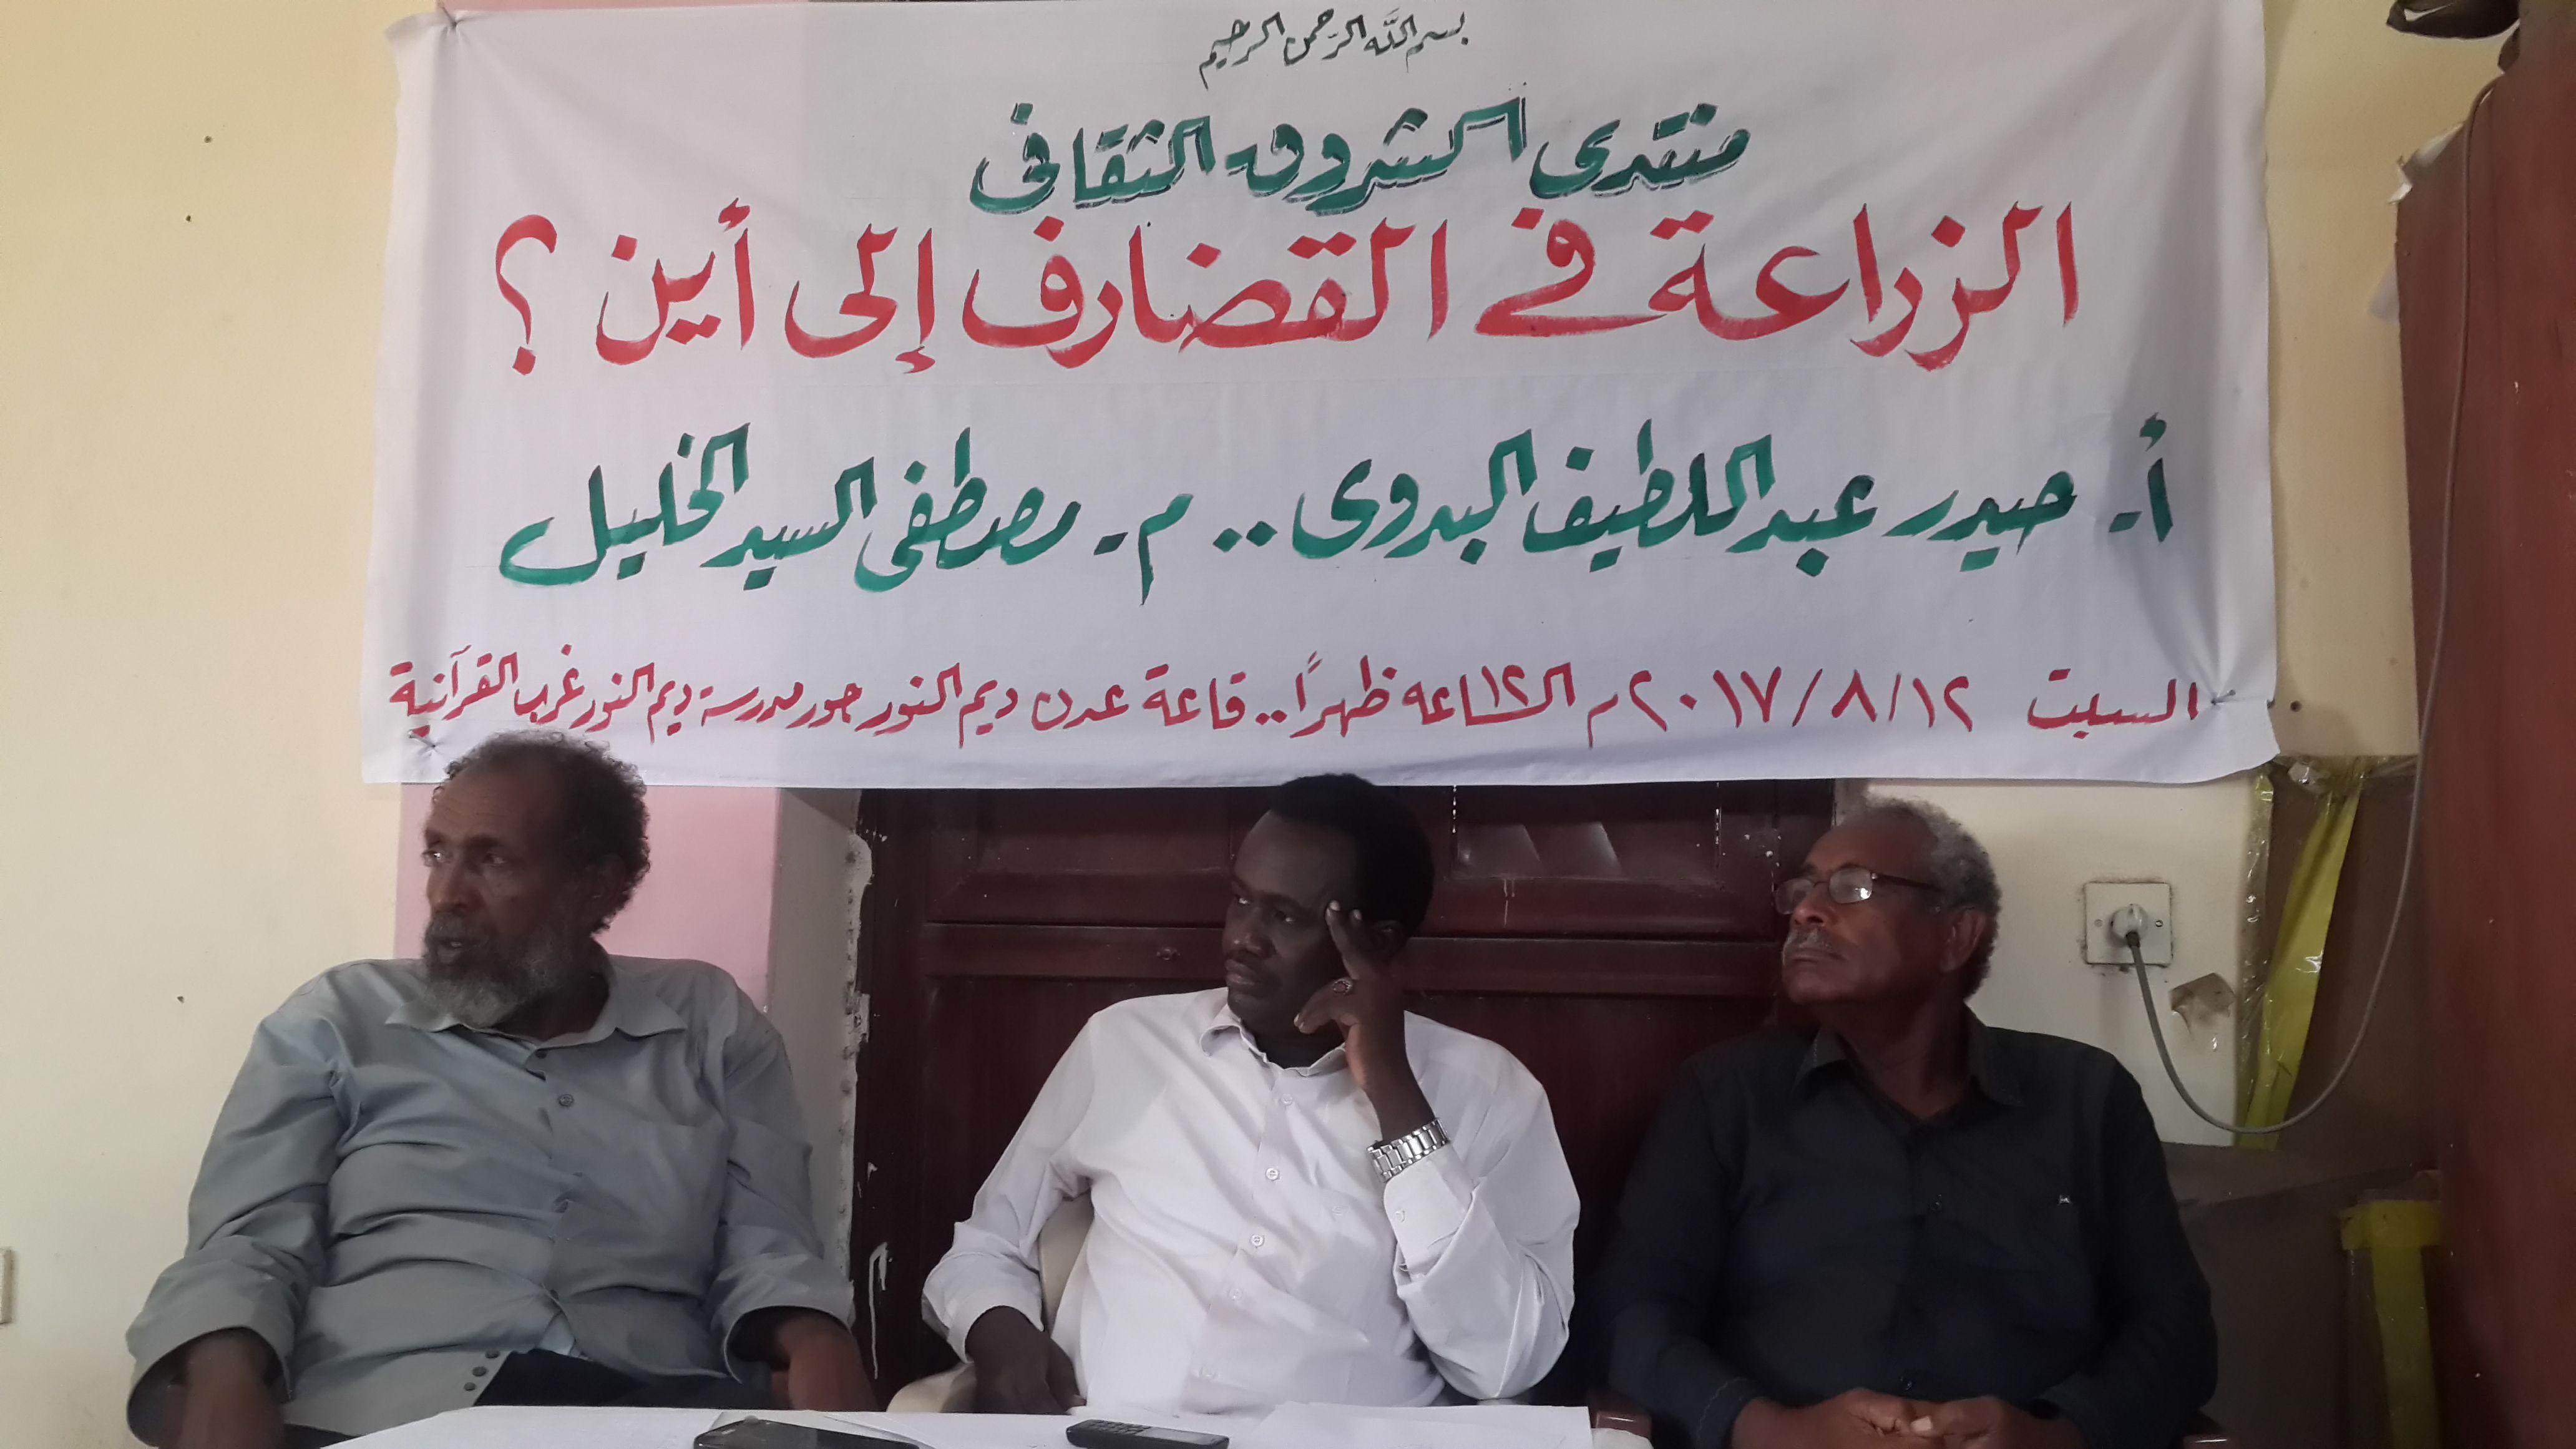 البدوي : الحكومة باعت كل الذرة في السودان لثلاثة أشخاص فقط